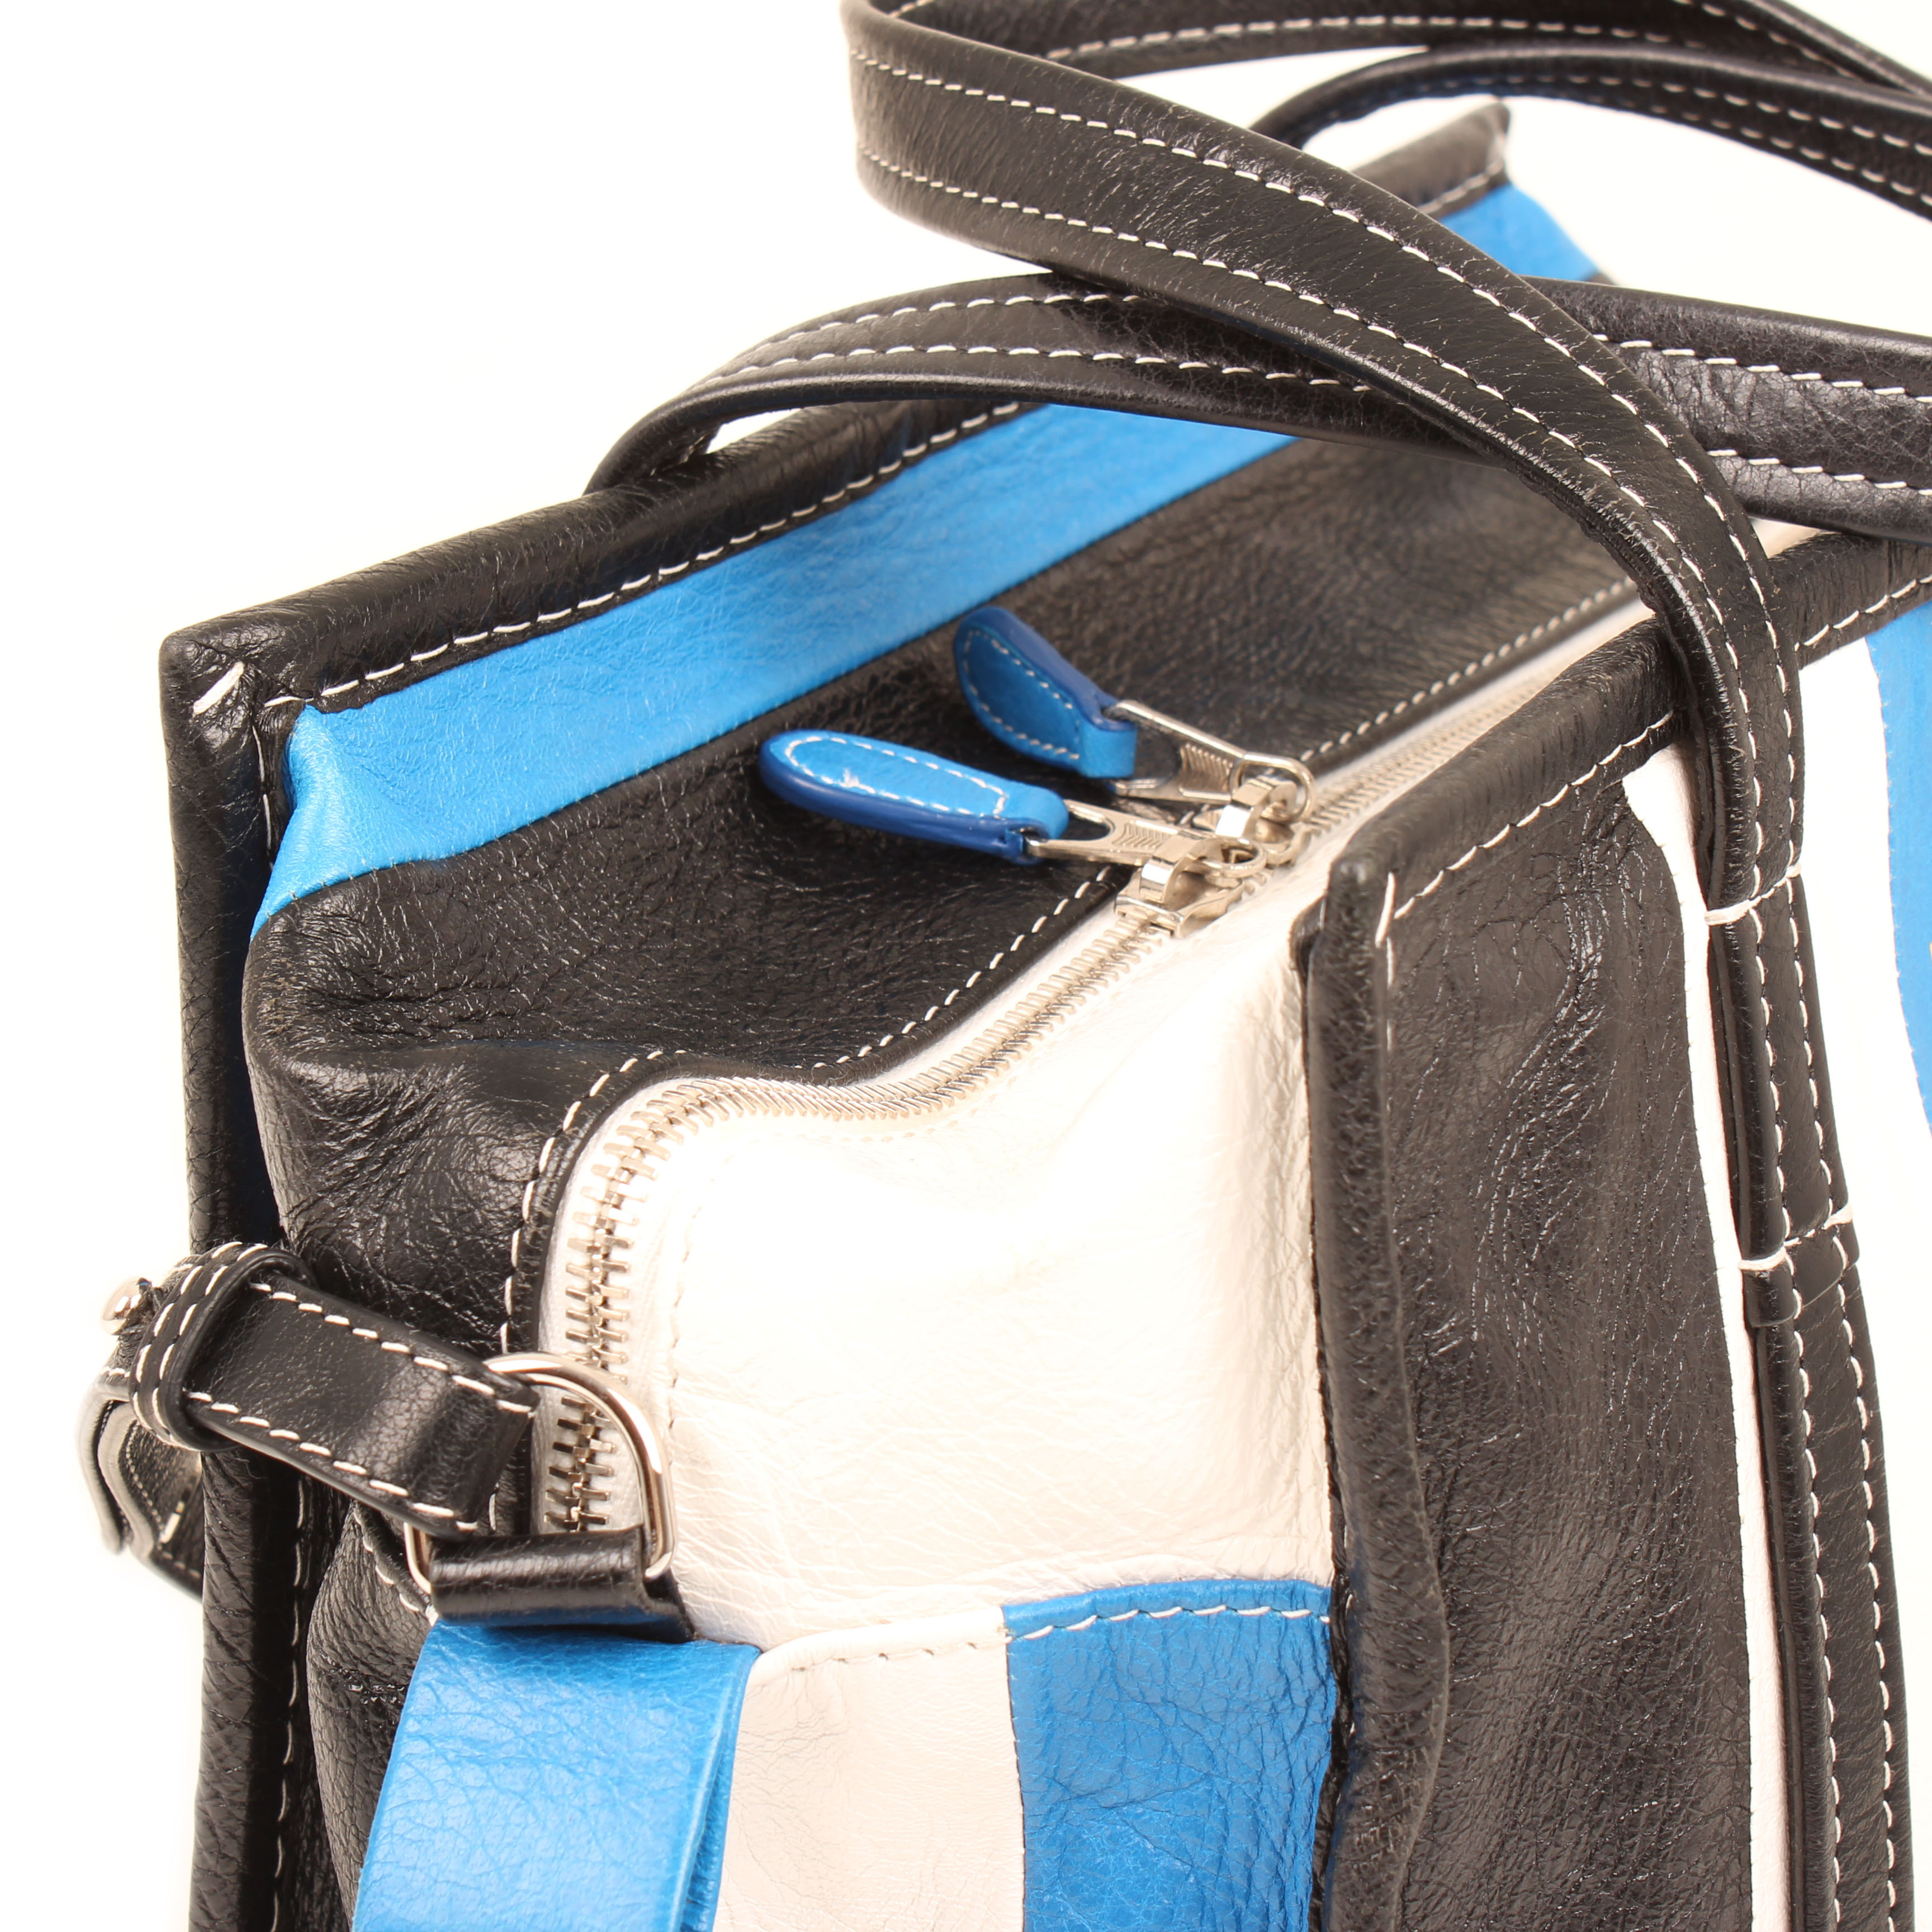 bolso balenciaga bazar shopper s arena rayado azul blanco negro piel cremallera